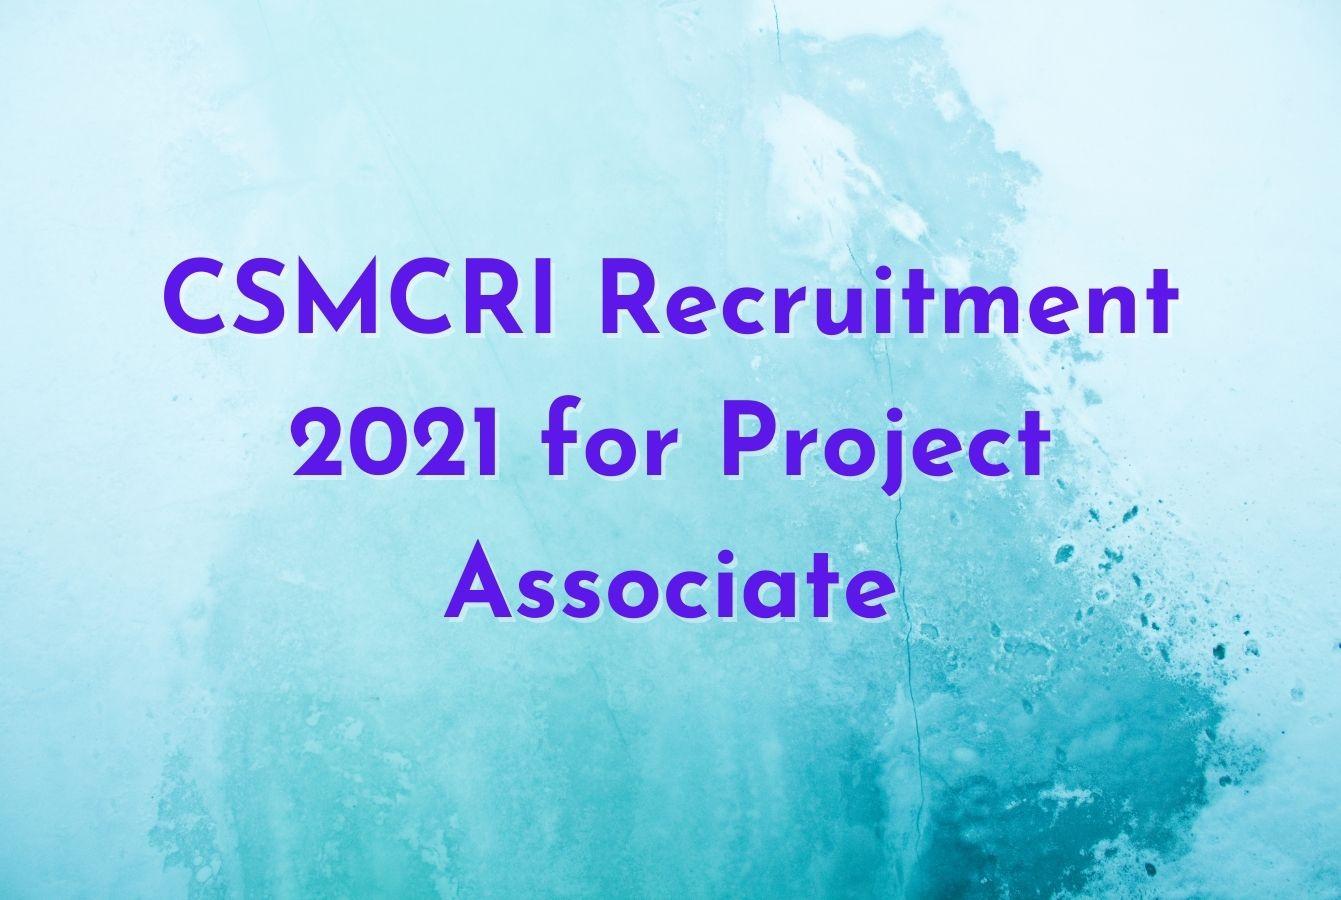 CSMCRI Recruitment 2021 for Project Associate